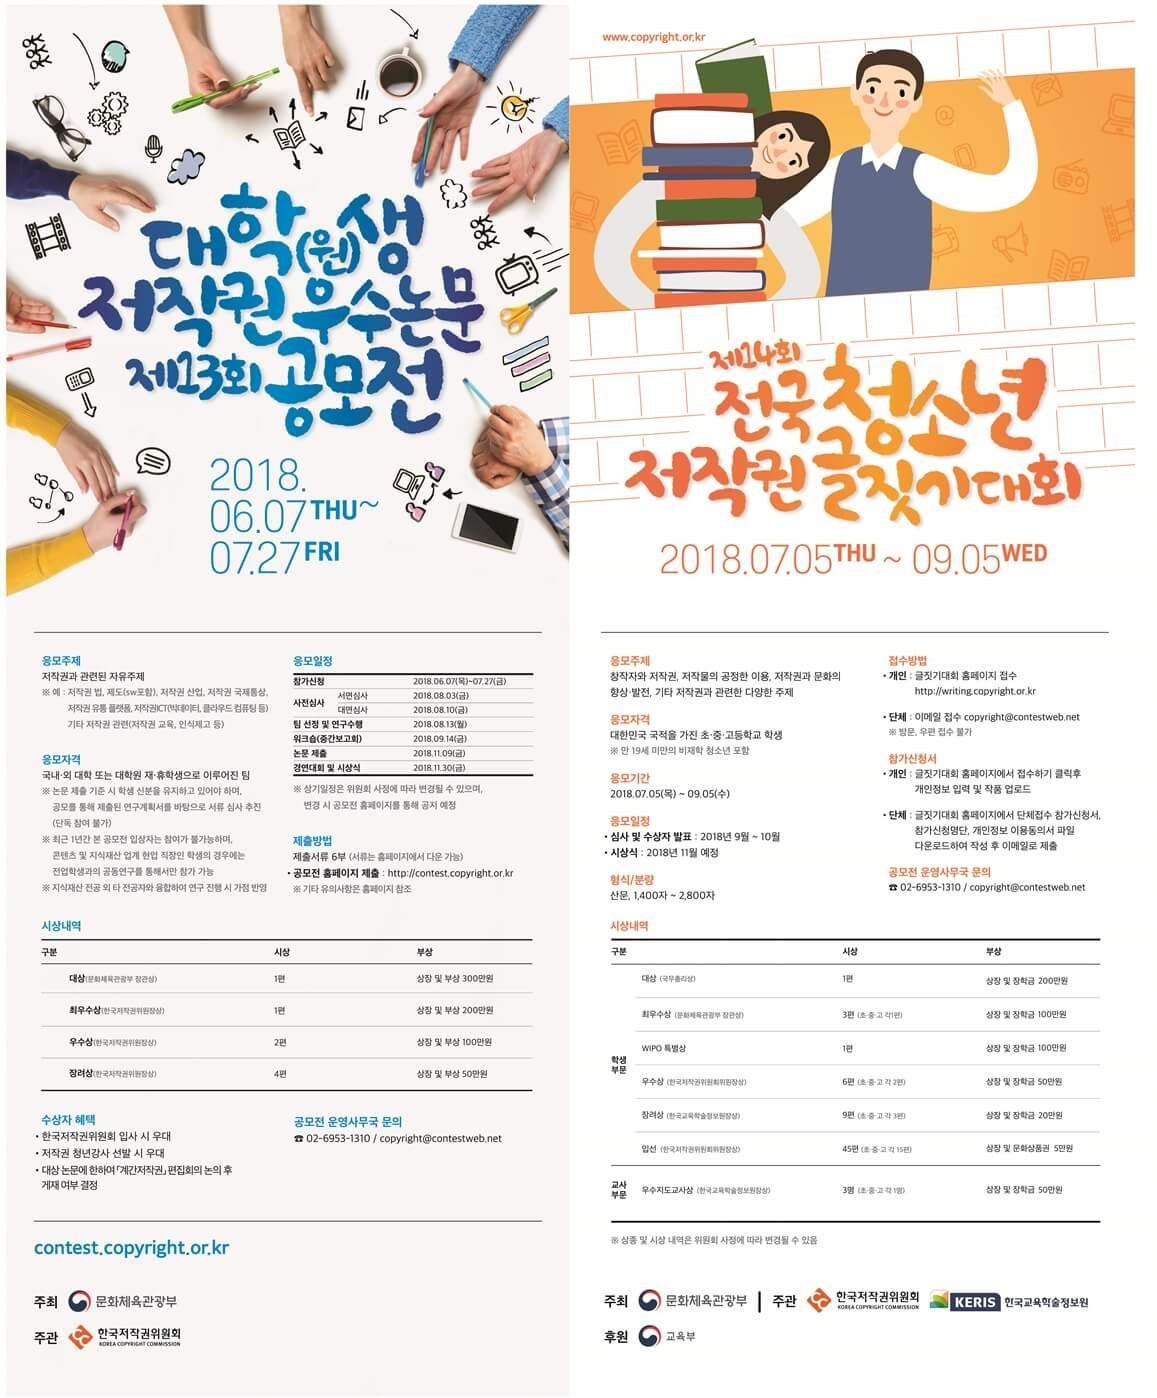 청소년 저작권 글짓기 대회 및 대학(원)생 저작권 논문 공모전